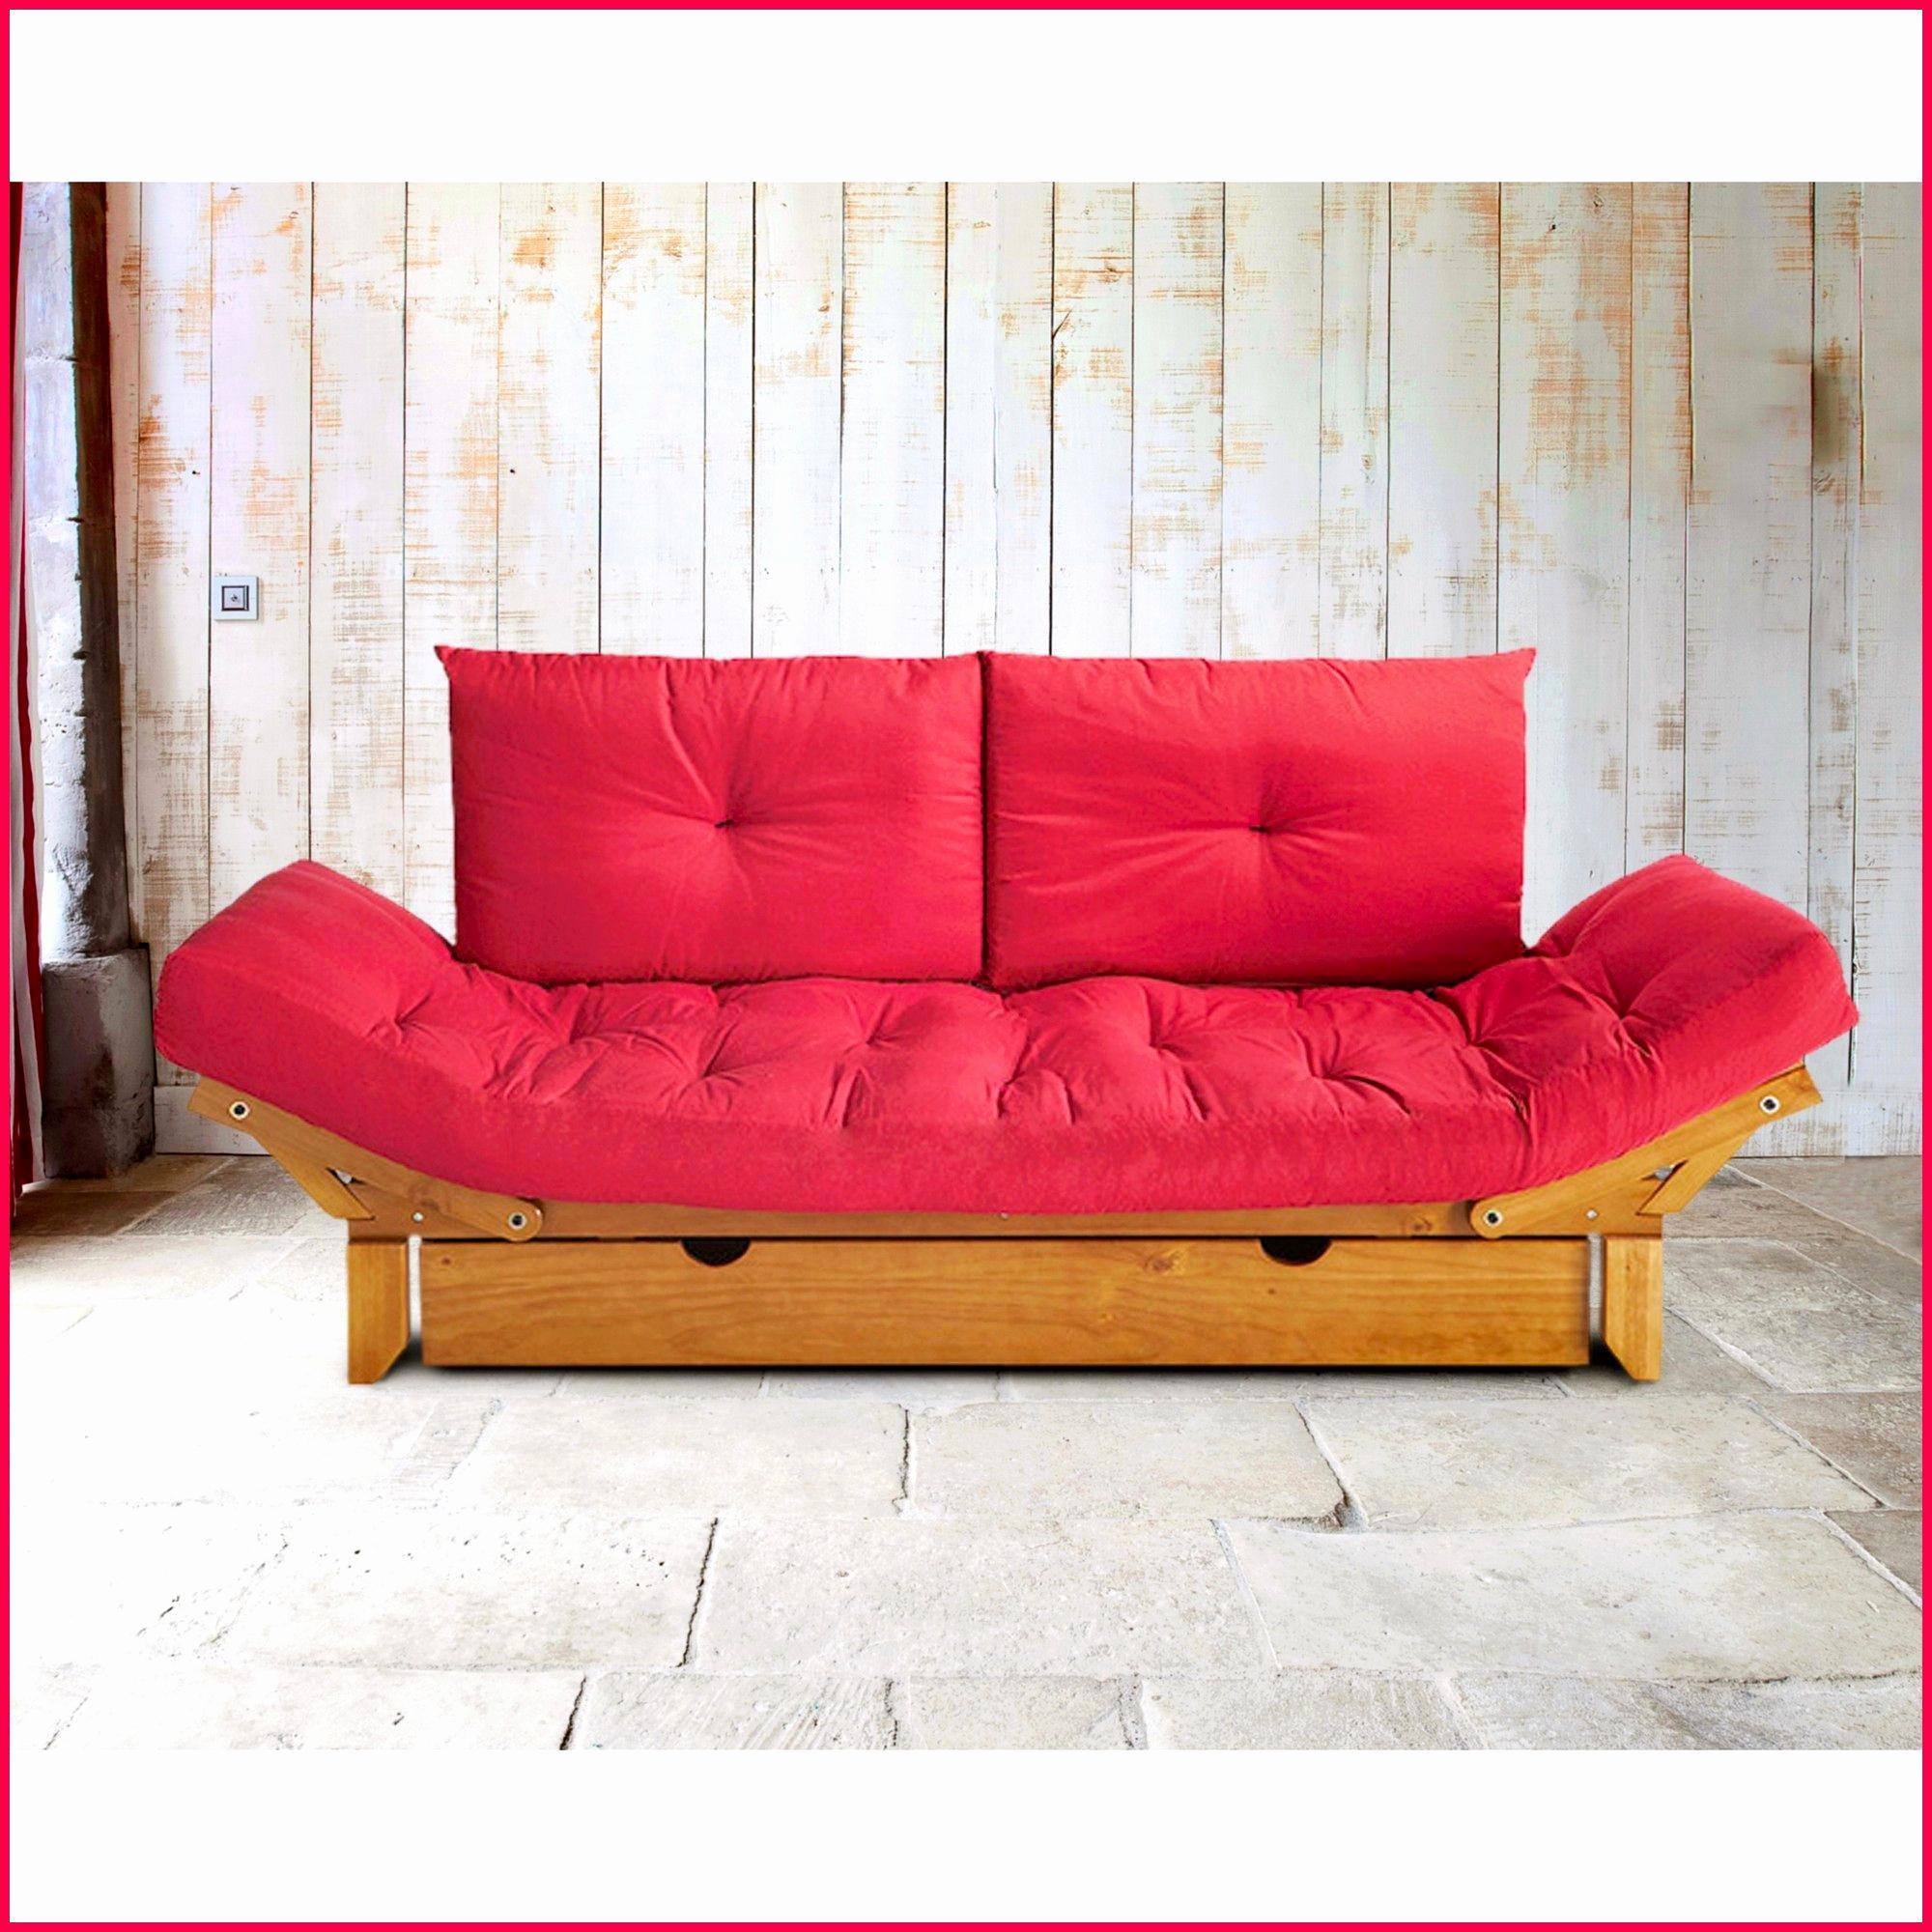 Matelas Bz Ikea Impressionnant Photos Bz Ikea 2 Places Luxe Canape Bz Inspirant Banquette Bz 1 Place